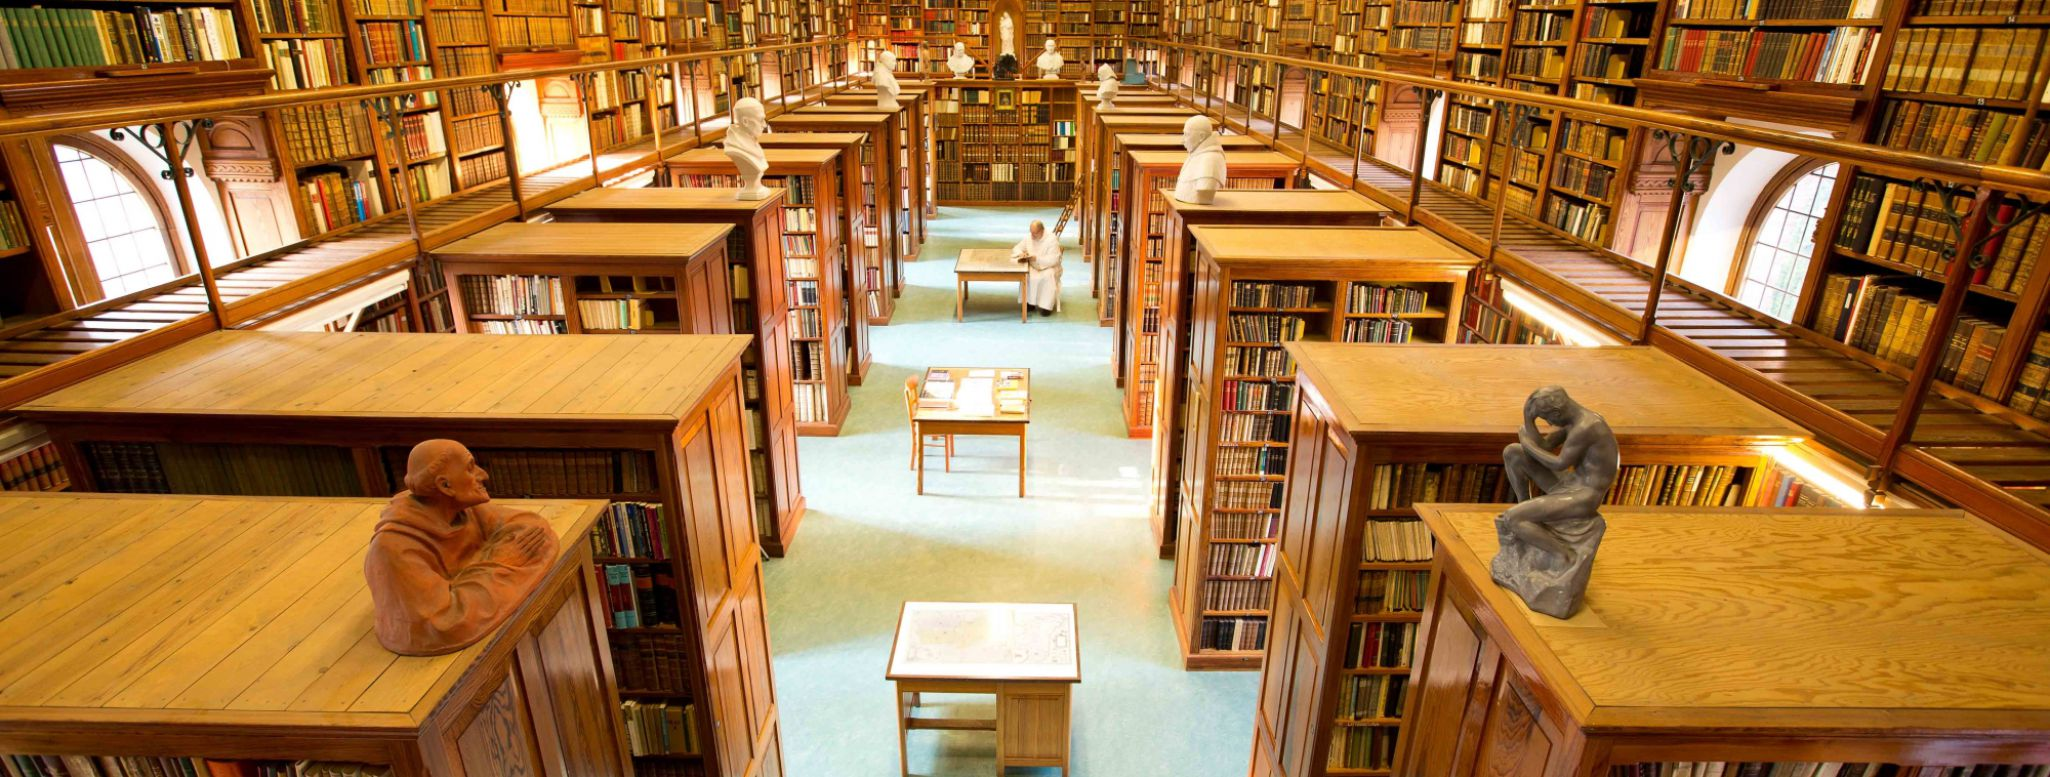 Abdij Westmalle Bibliotheek